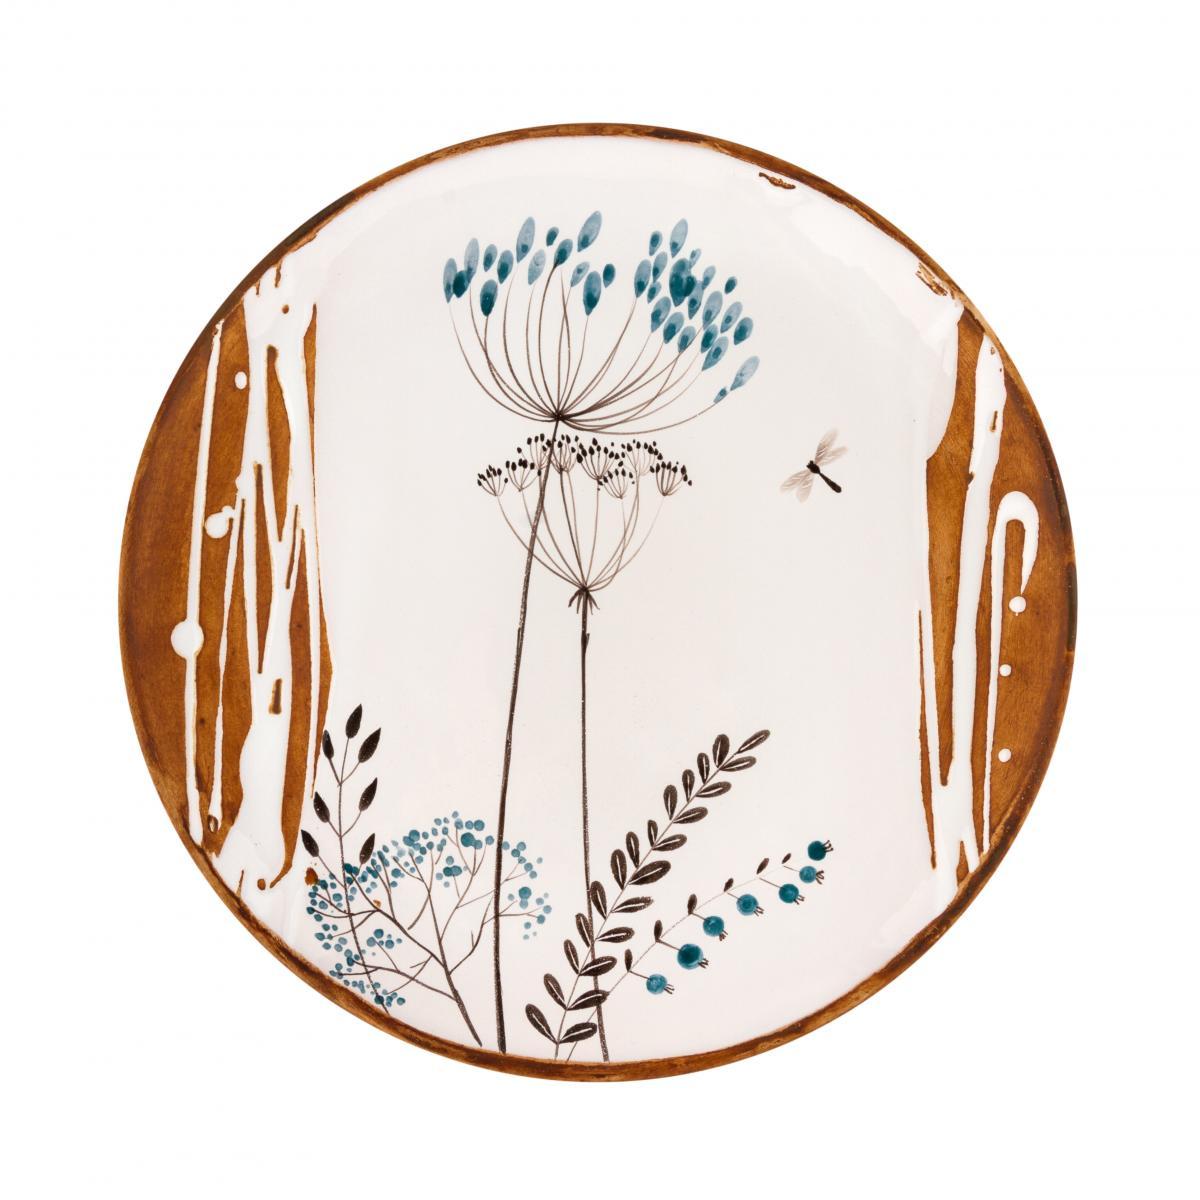 Тарелка с бабкой и укропом. Фото №1. | Народный дом Украина